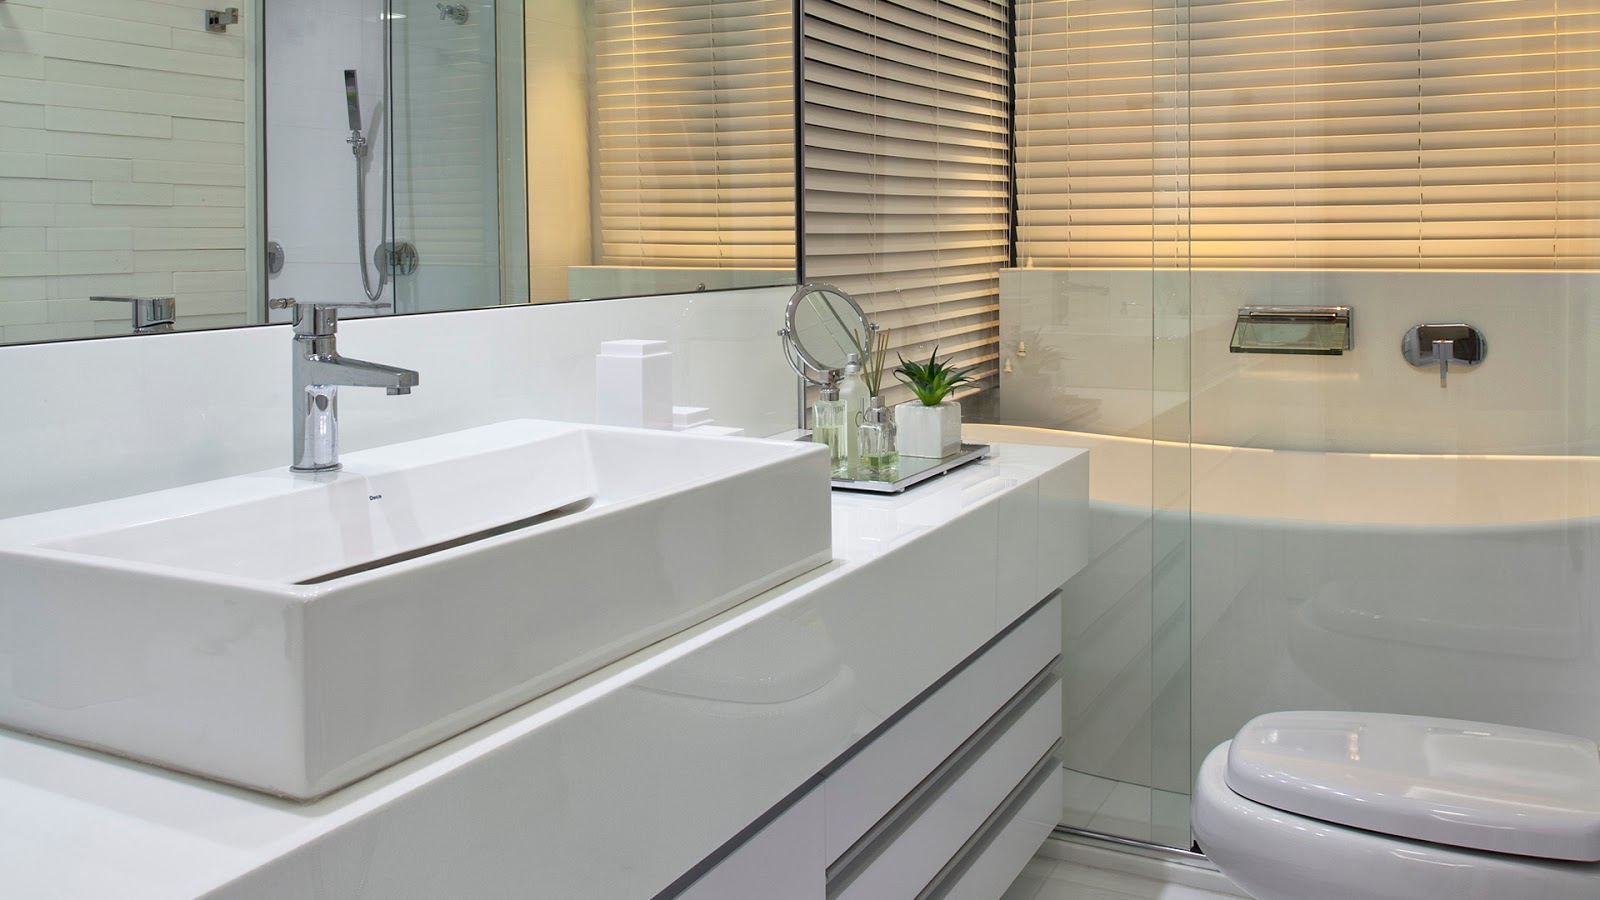 Decor Salteado Blog de Decoração Arquitetura e Construção #8C6E3F 1600x900 Banheiro Arquitetura E Construção